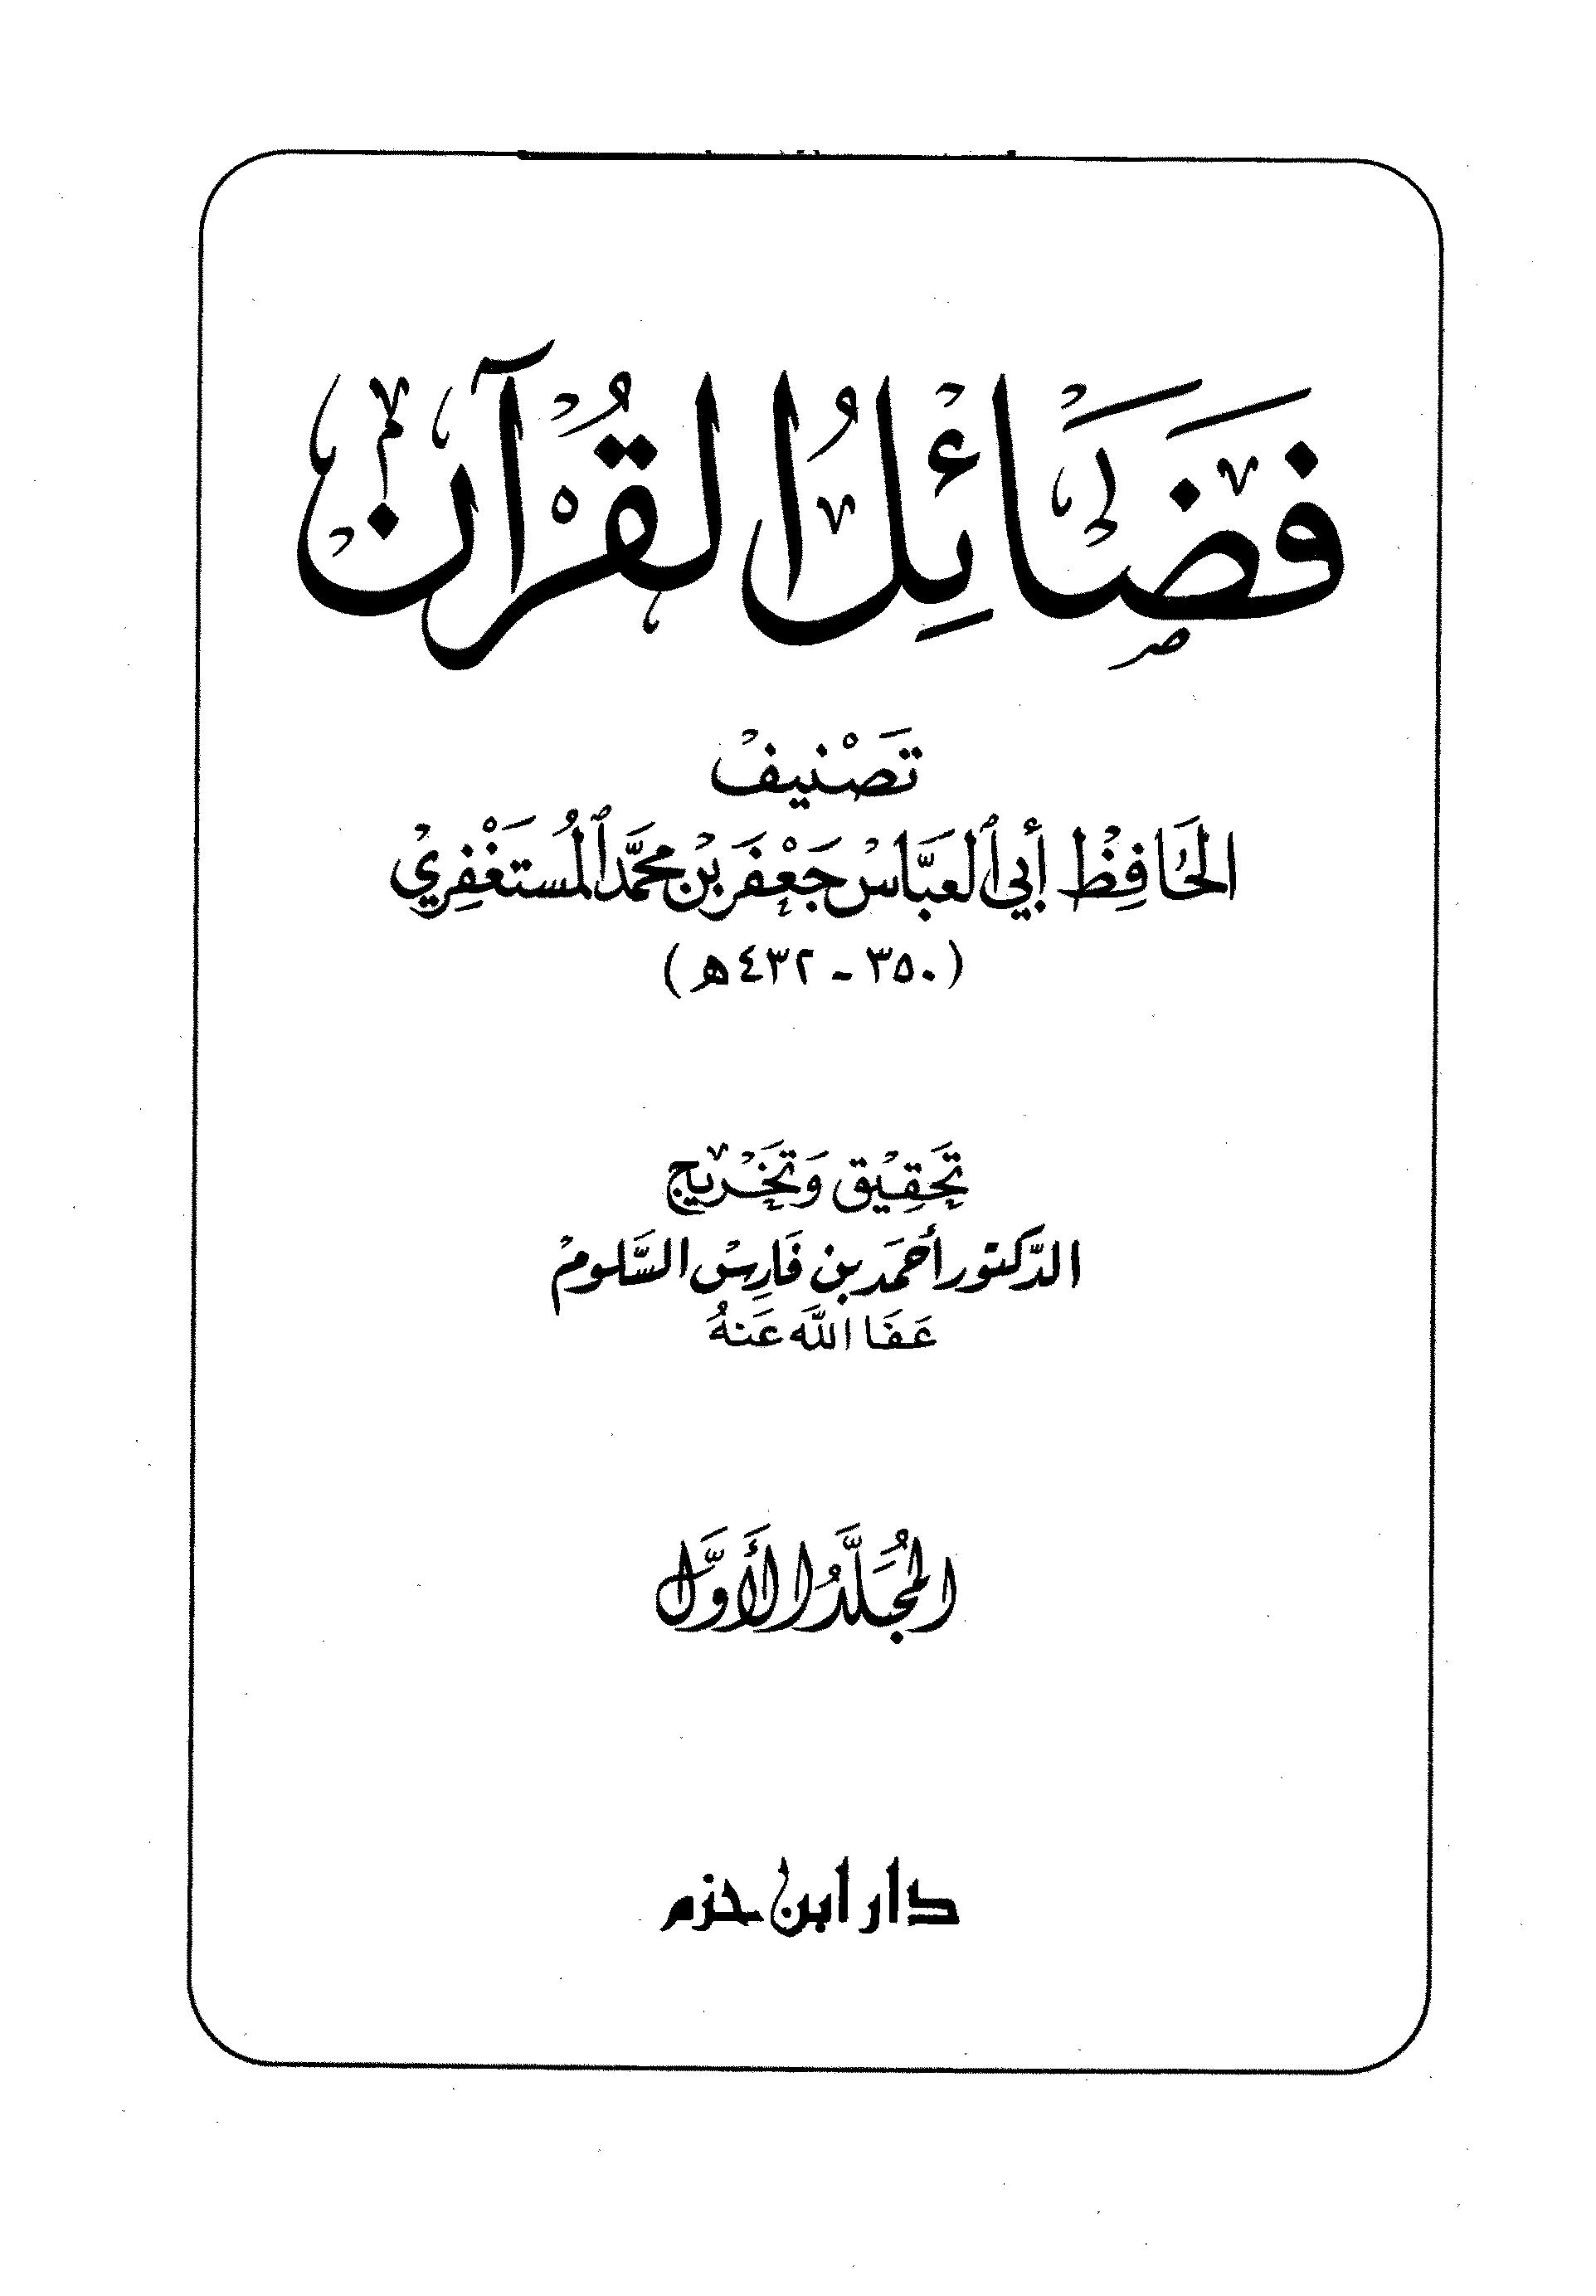 تحميل كتاب فضائل القرآن (المستغفري) لـِ: الإمام أبو العباس جعفر بن محمد بن المعتز المستغفري النسفي (ت 432)